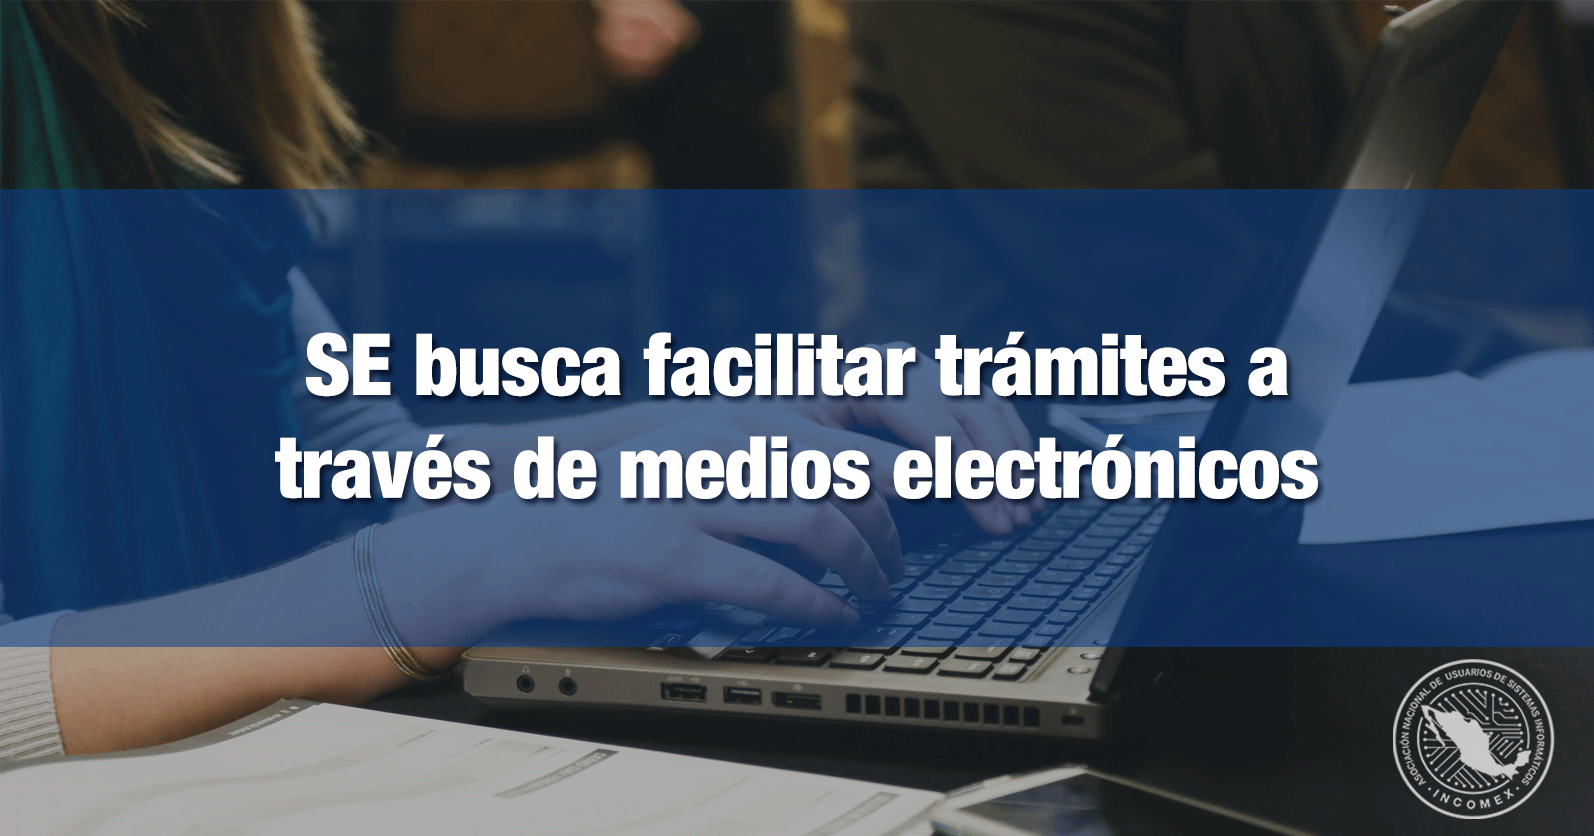 Secretaría de Economía busca facilitar trámites a través de medios electrónicos